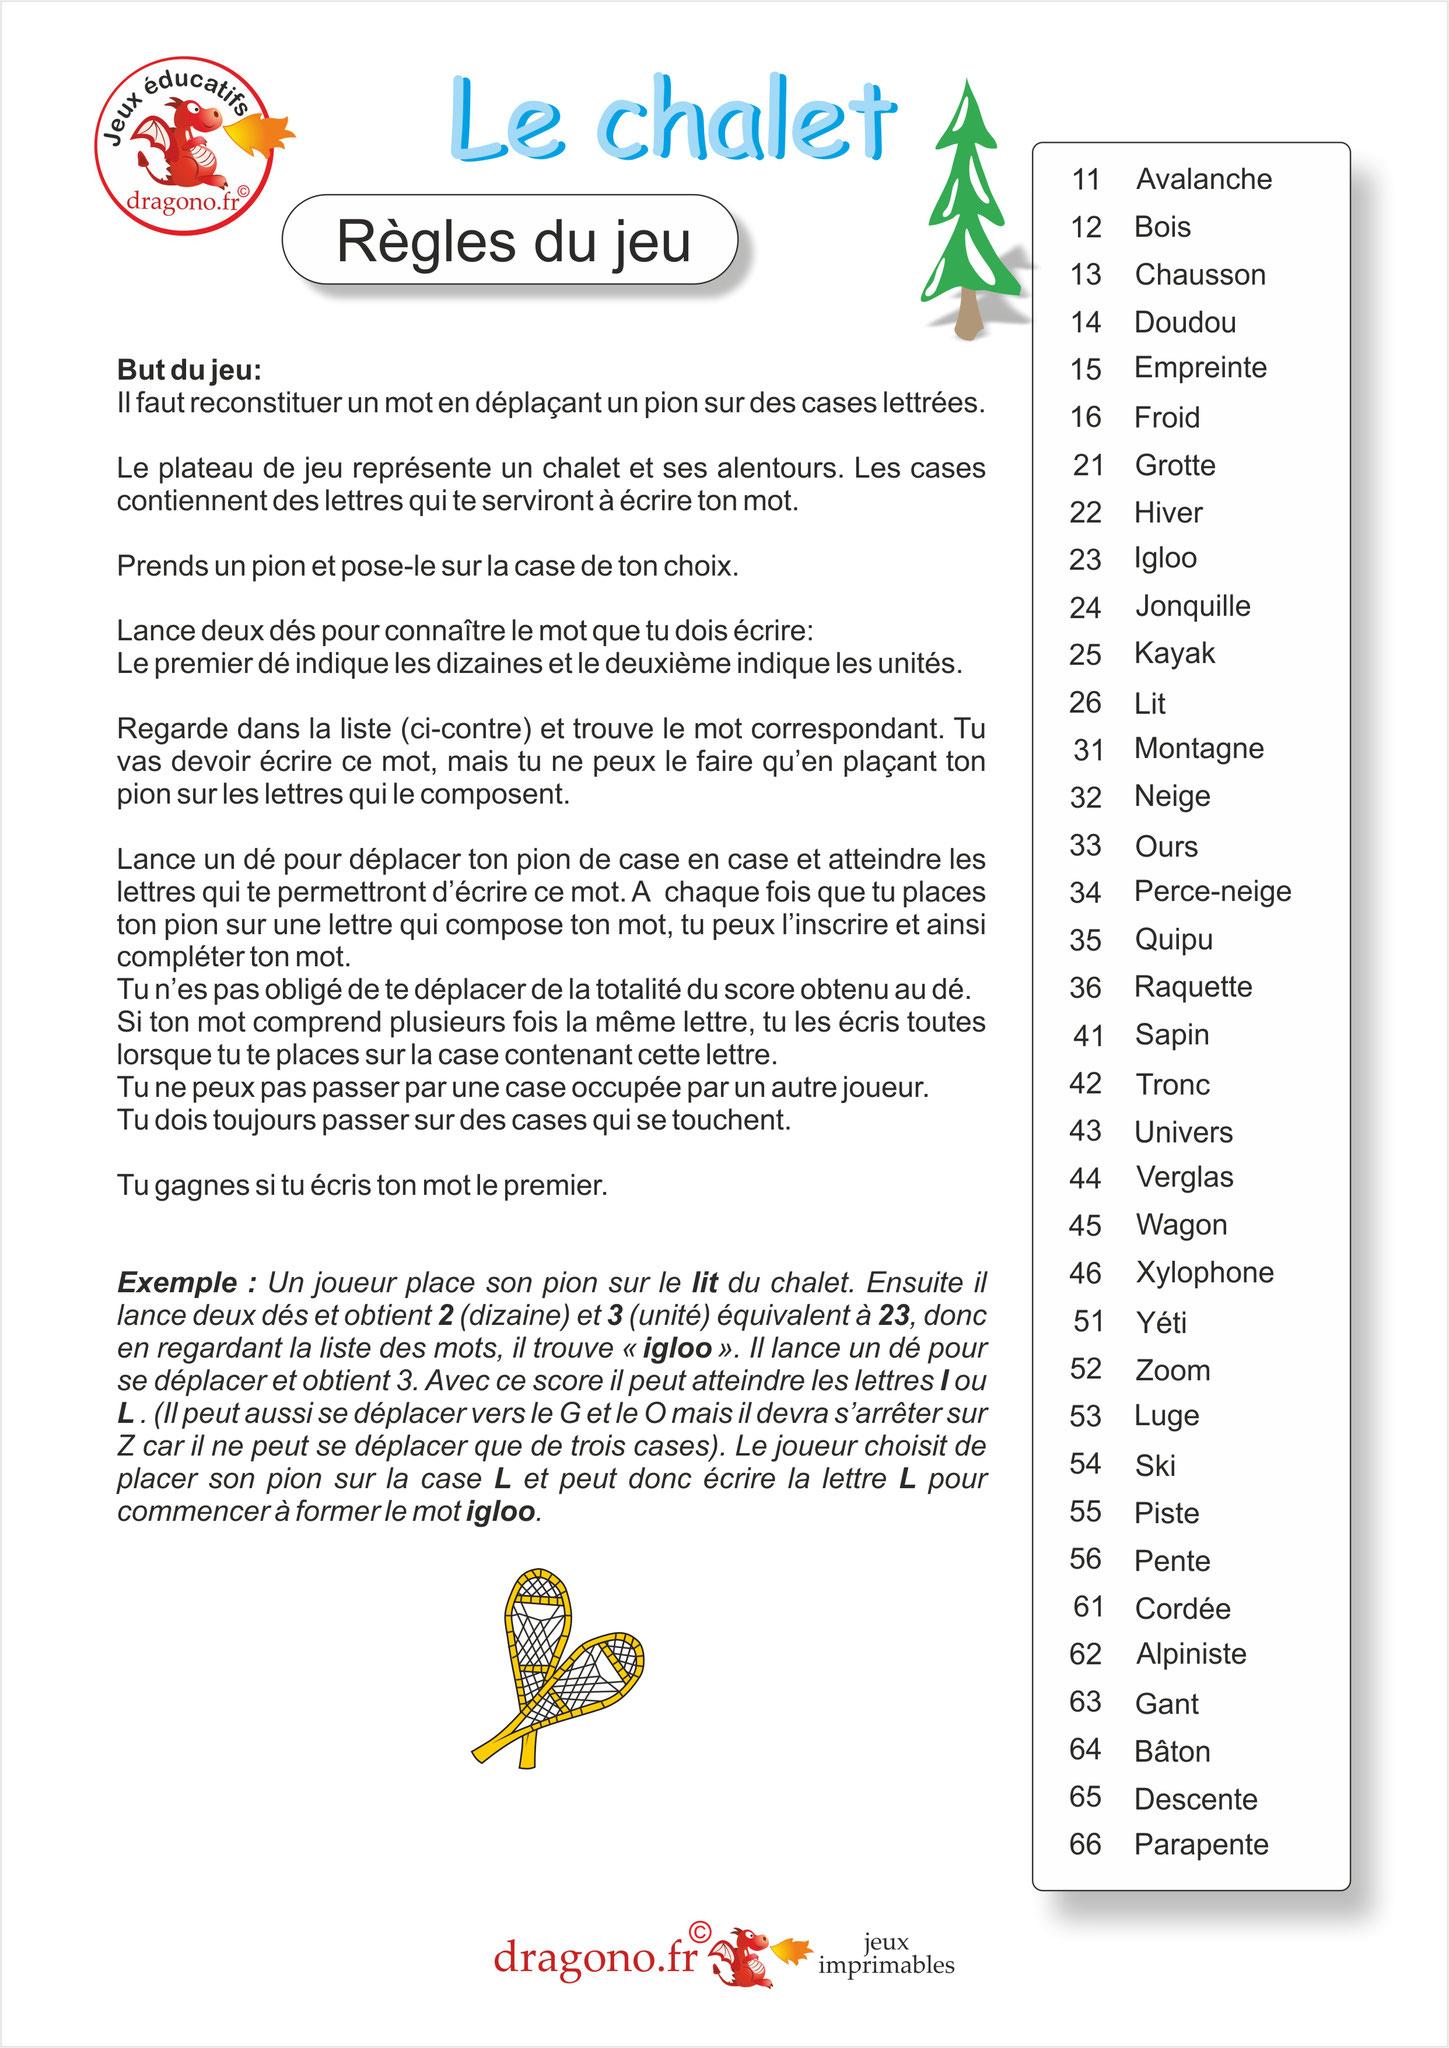 Jeu Éducatif À Imprimer Pour Apprendre L'orthographe Des pour Jeux De Lettres À Imprimer